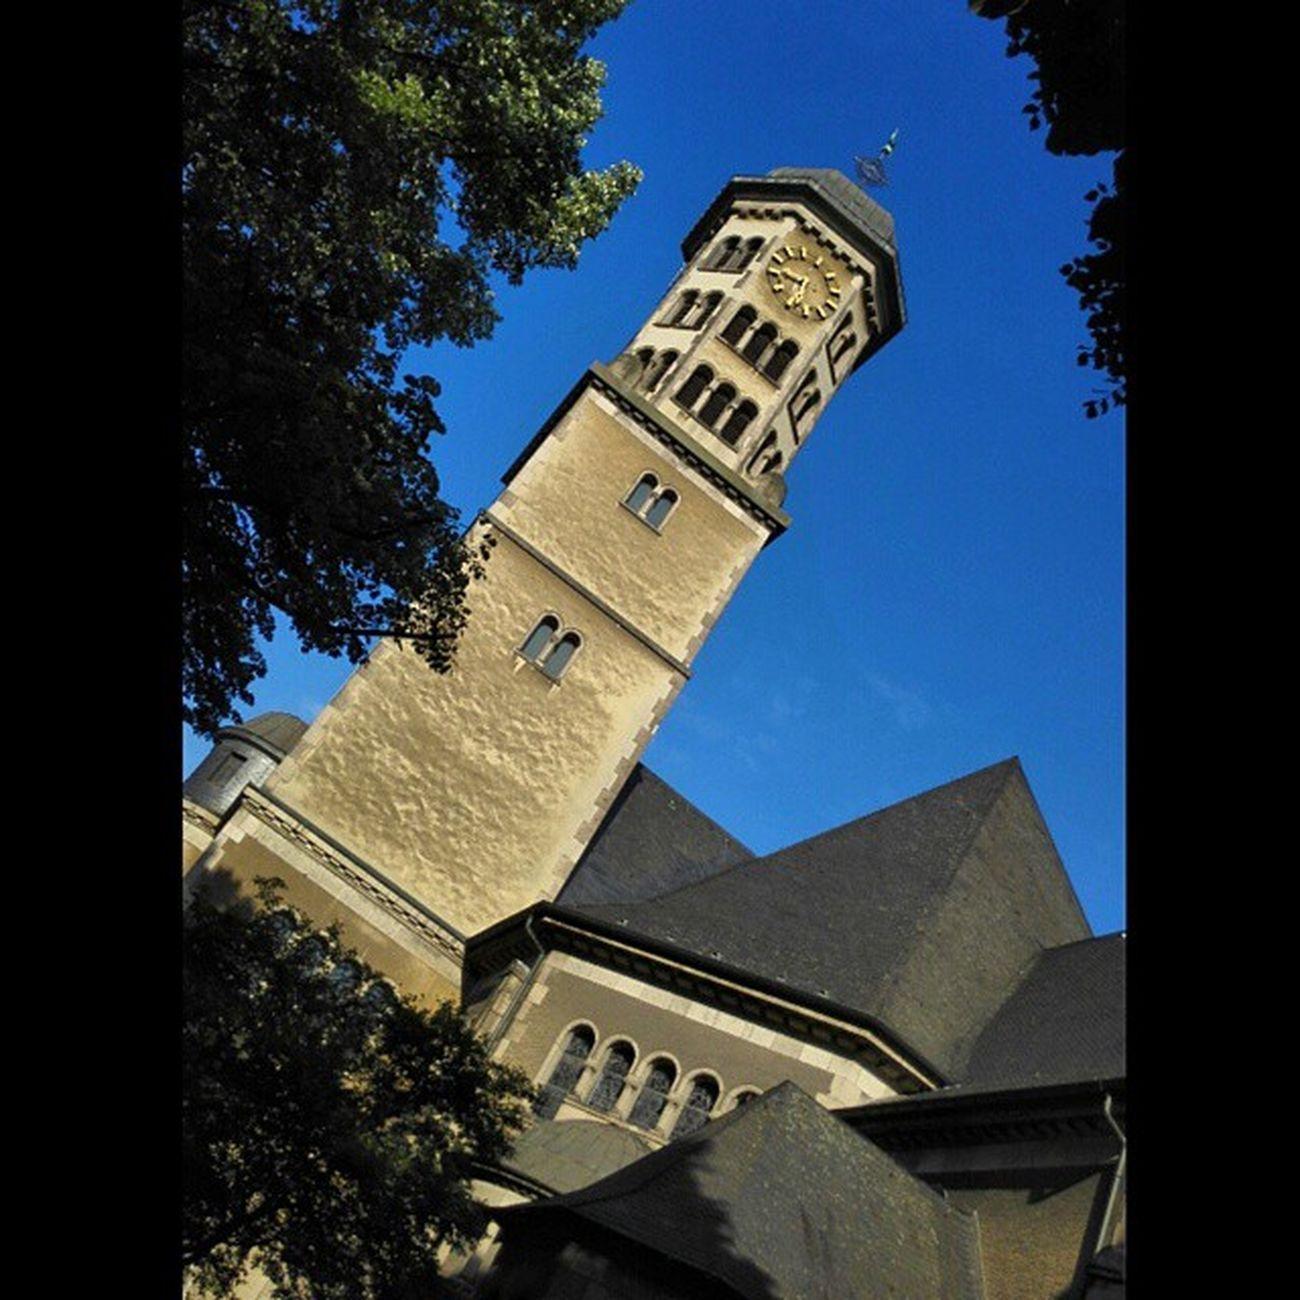 St. Heinrich in Krefeld Uerdingen. Krefeld Uerdingen StHeinrich KrefeldUerdingen